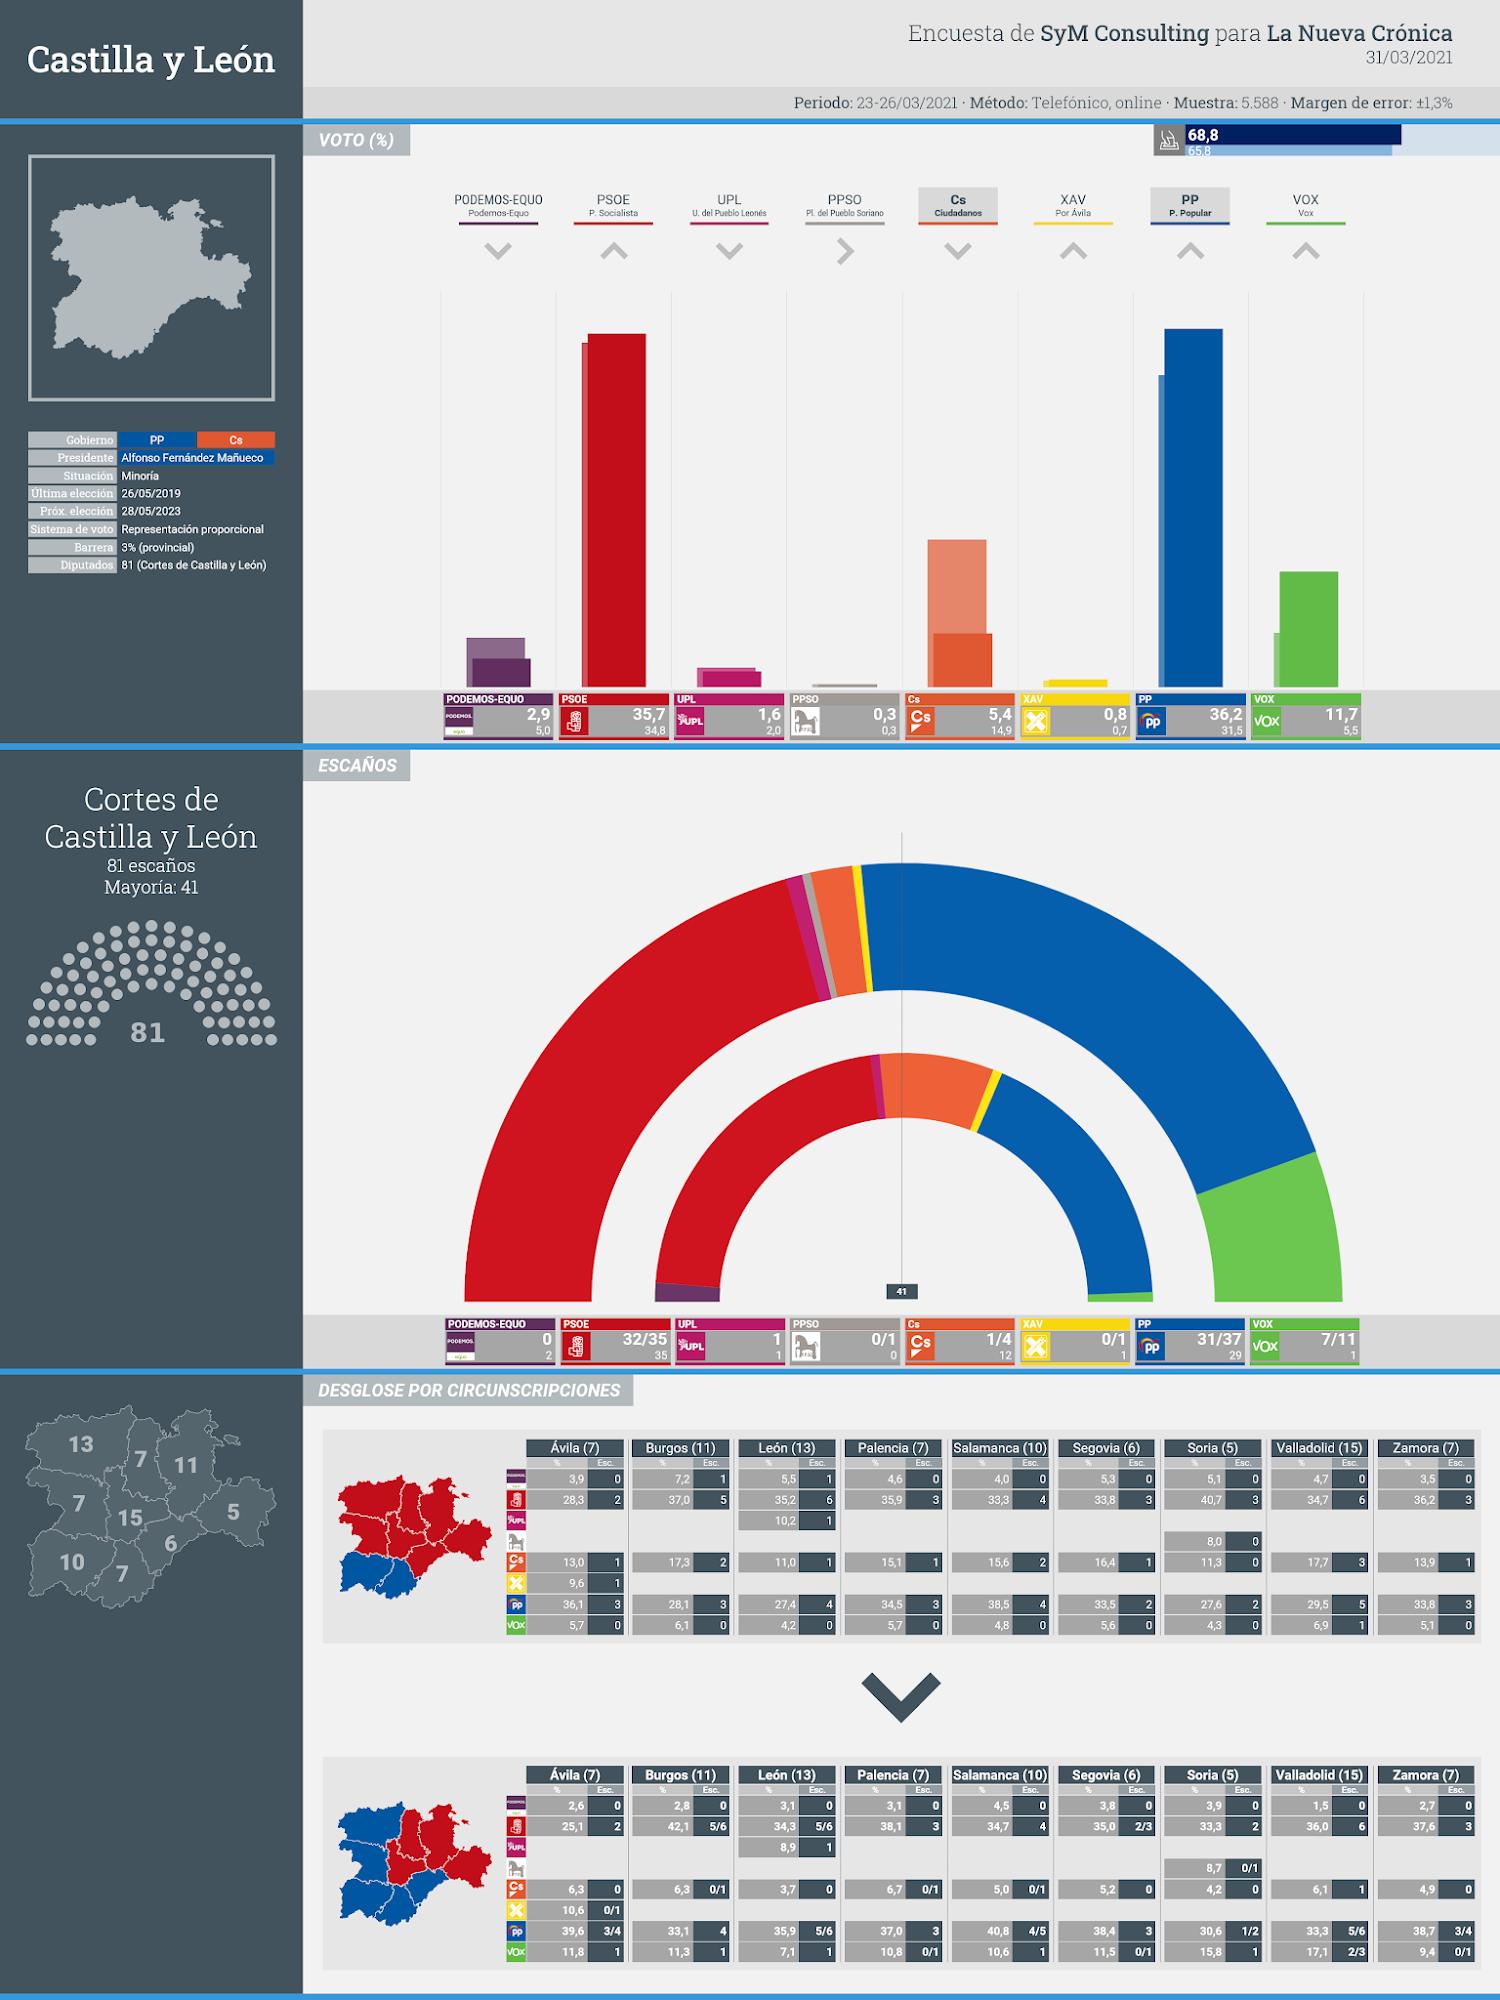 Gráfico de la encuesta para elecciones autonómicas en Castilla y León realizada por SyM Consulting para La Nueva Crónica, 31 de marzo de 2021